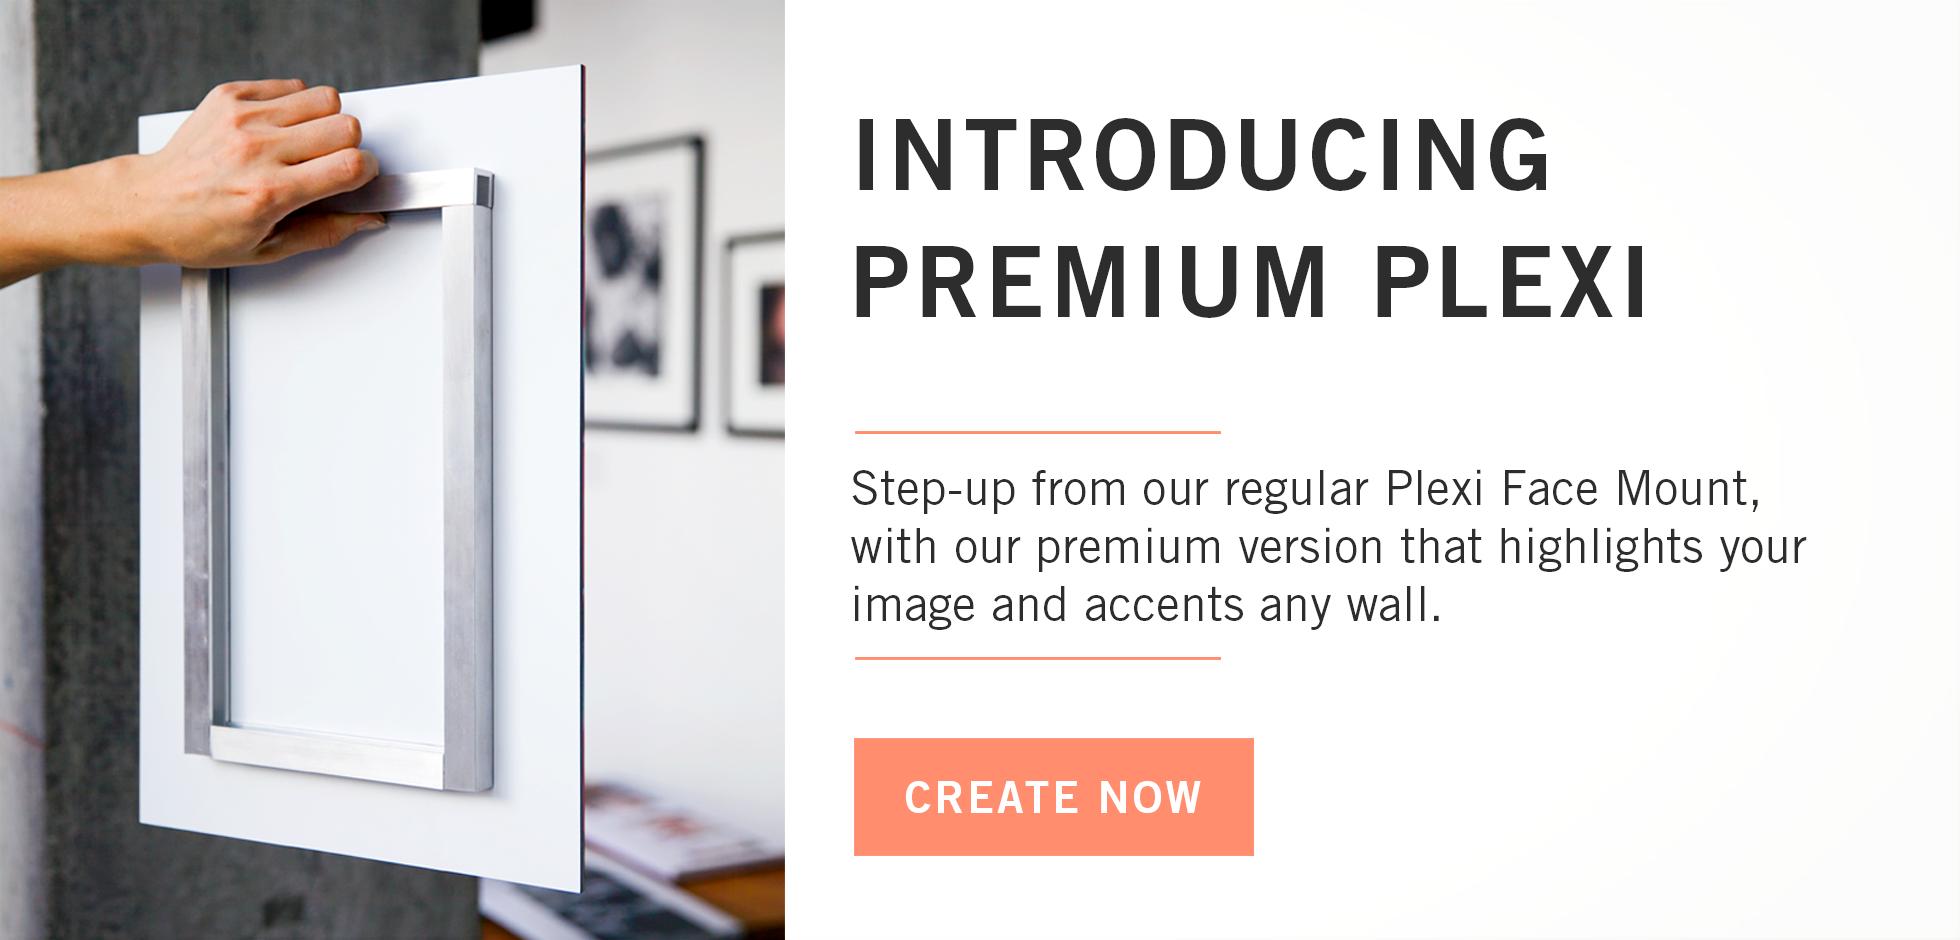 Introducing Premium Plexi